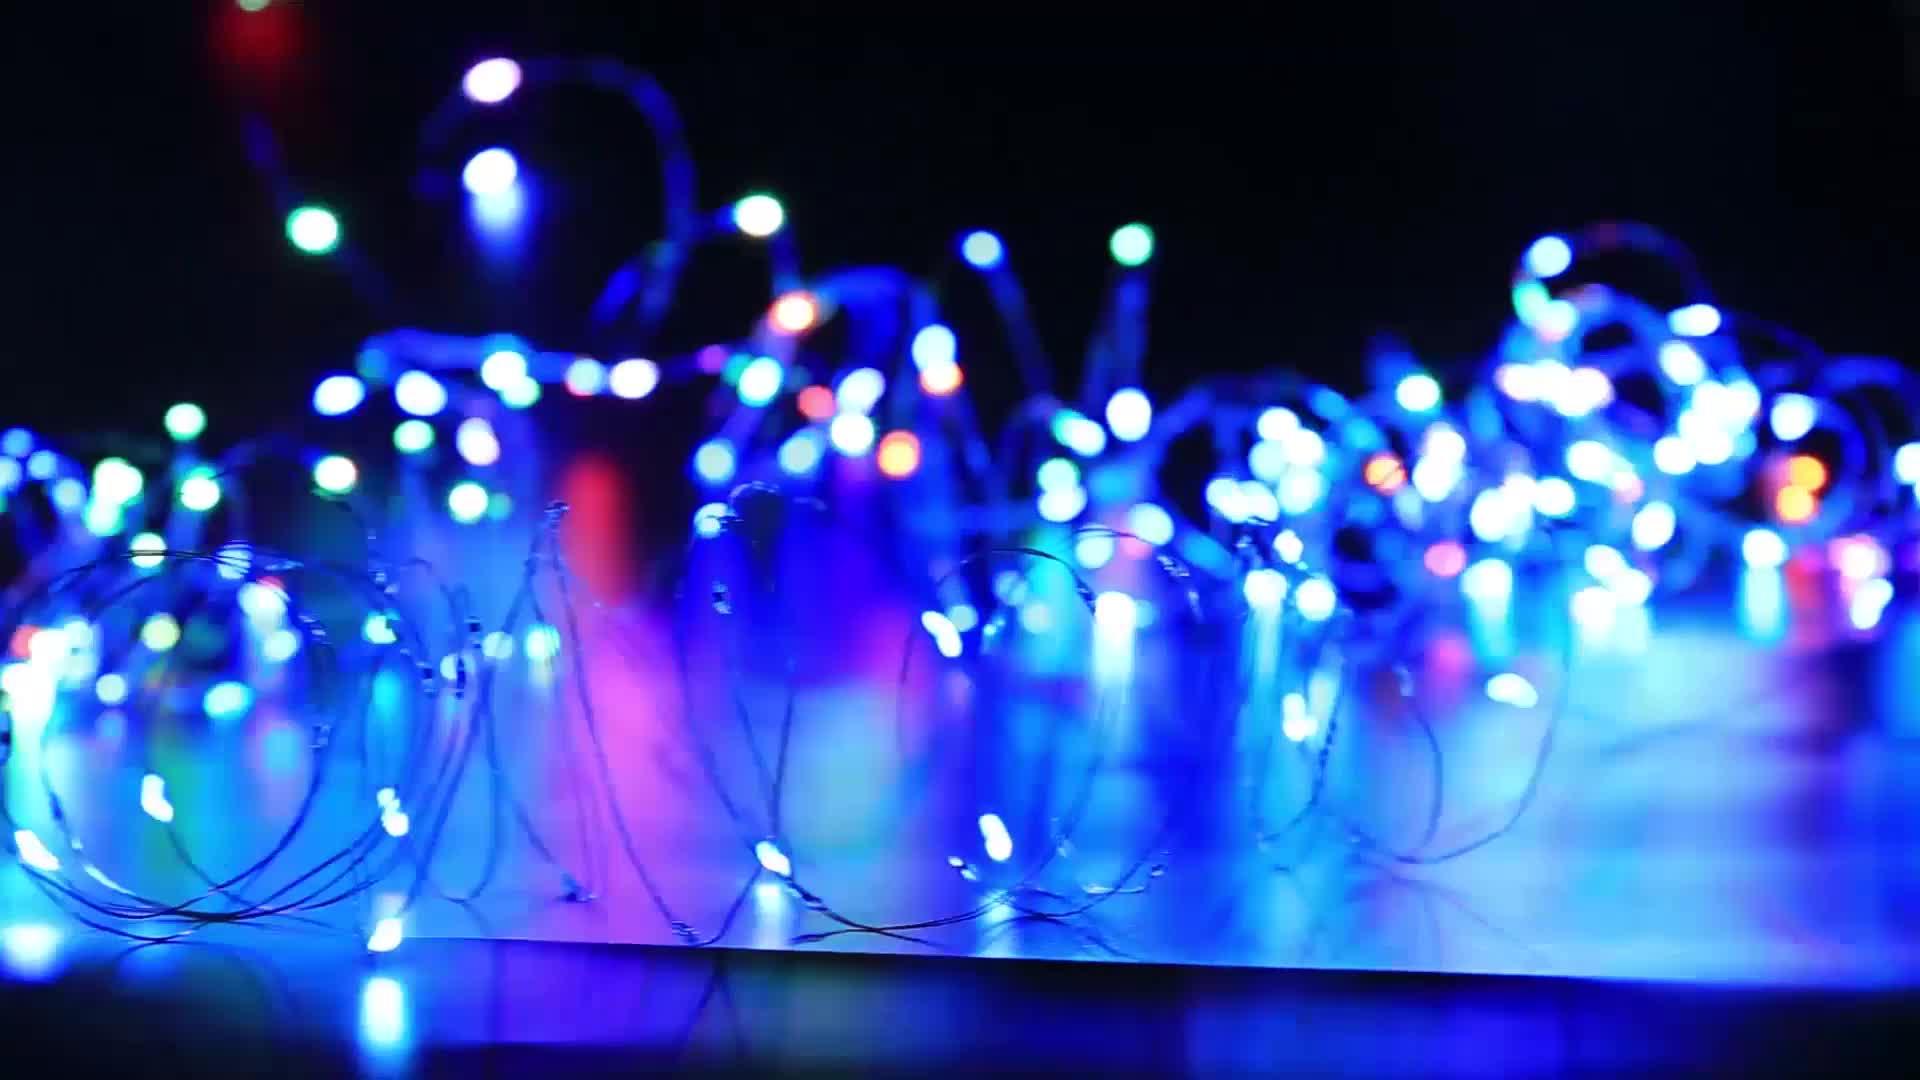 100 LED 33ฟุตไฟคริสต์มาสUSBเสียบสายไฟเปลี่ยนสีได้16สีสายไฟหิ่งห้อยด้วยรีโมทคอนโทรล